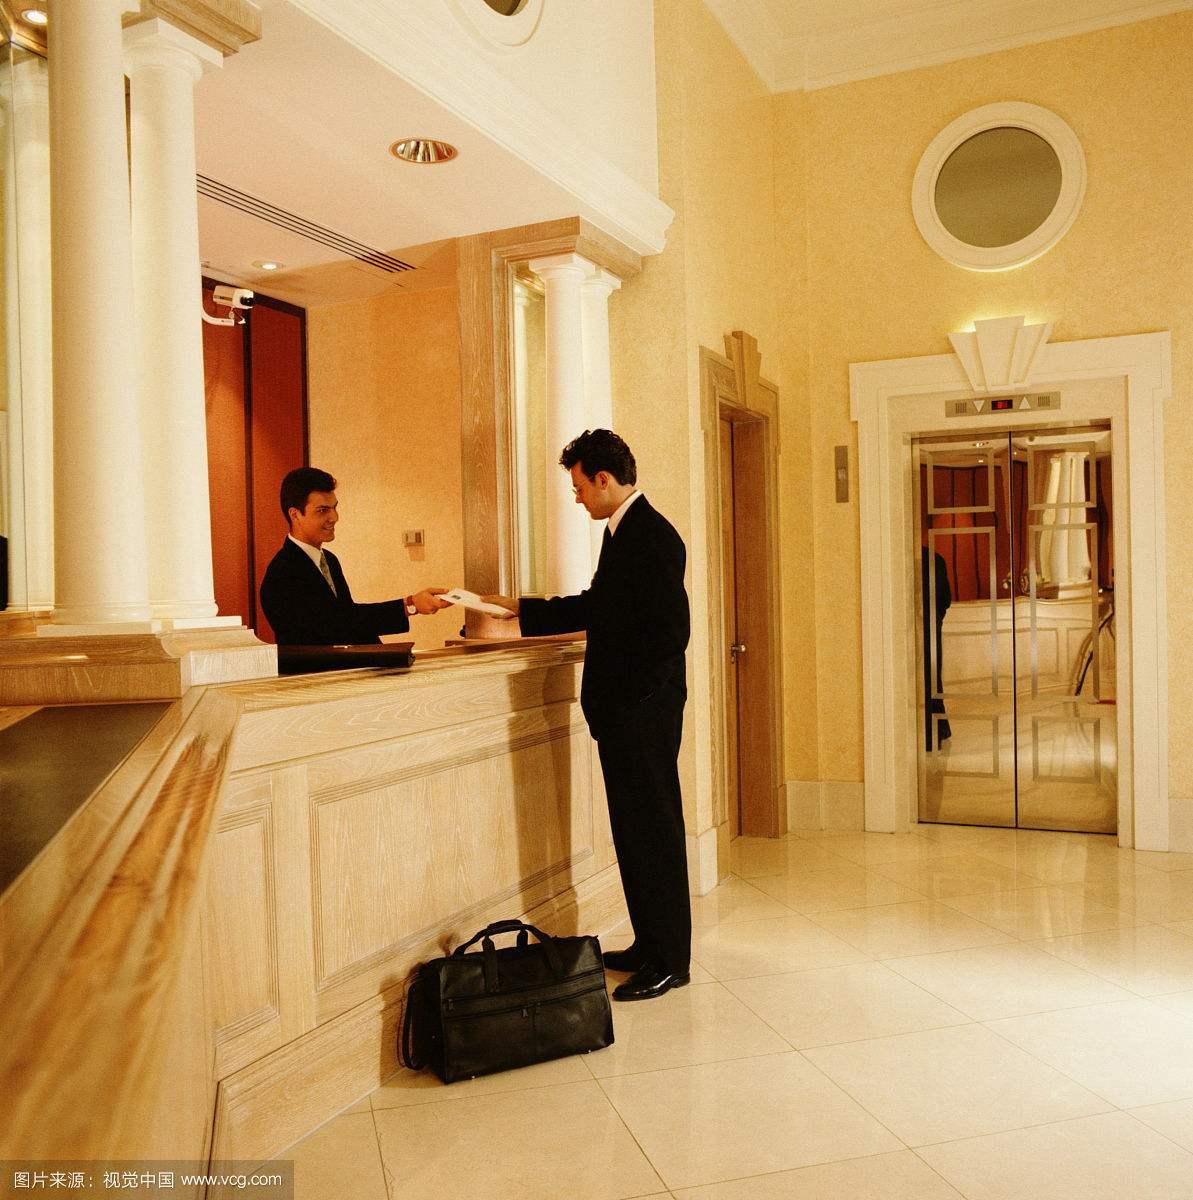 男子在南昌维也纳酒店入住 开门一看住着陌生女子